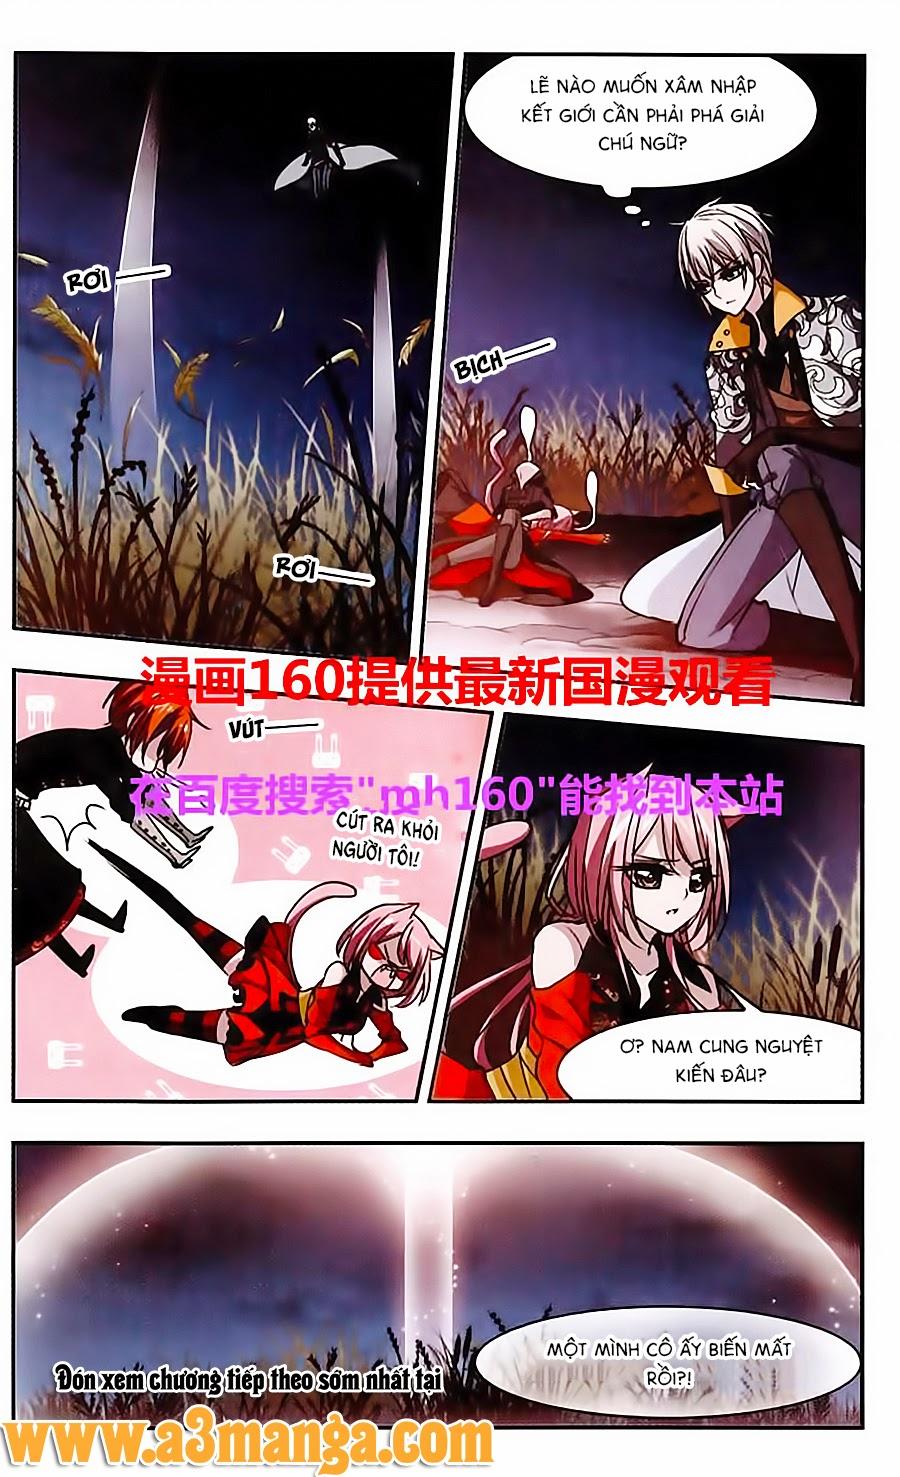 a3manga.com huyết tộc cấm vực chap 44